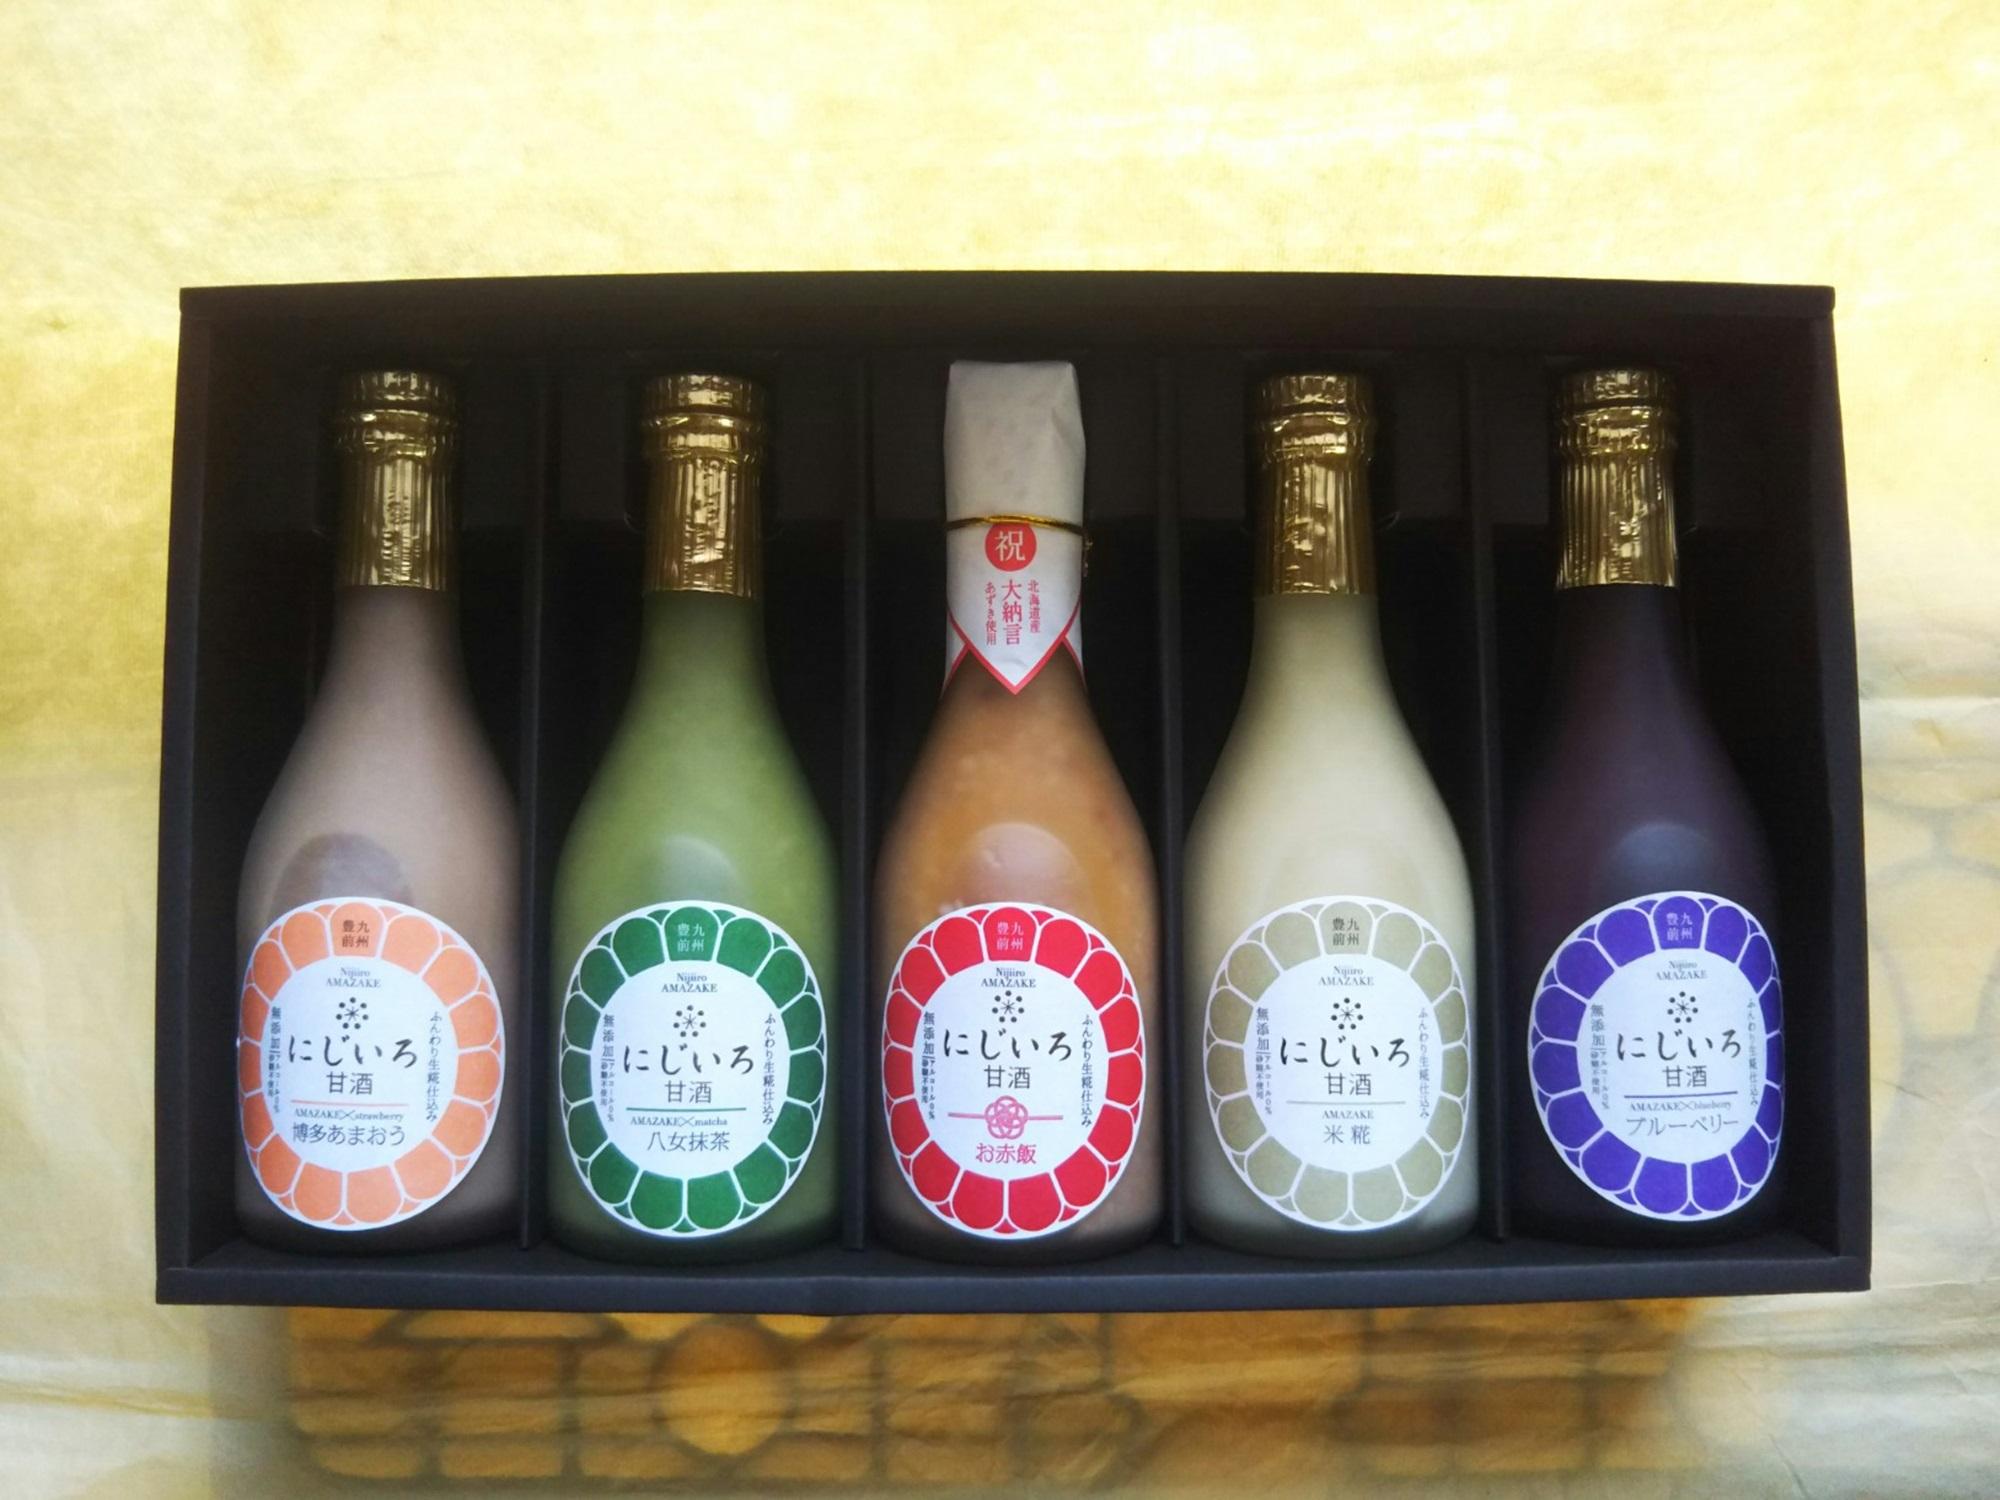 にじいろ甘酒夏のお祝5色ギフトセット(博多あまおう・ブルーベリー・お赤飯・米糀・八女抹茶)お中元・贈り物